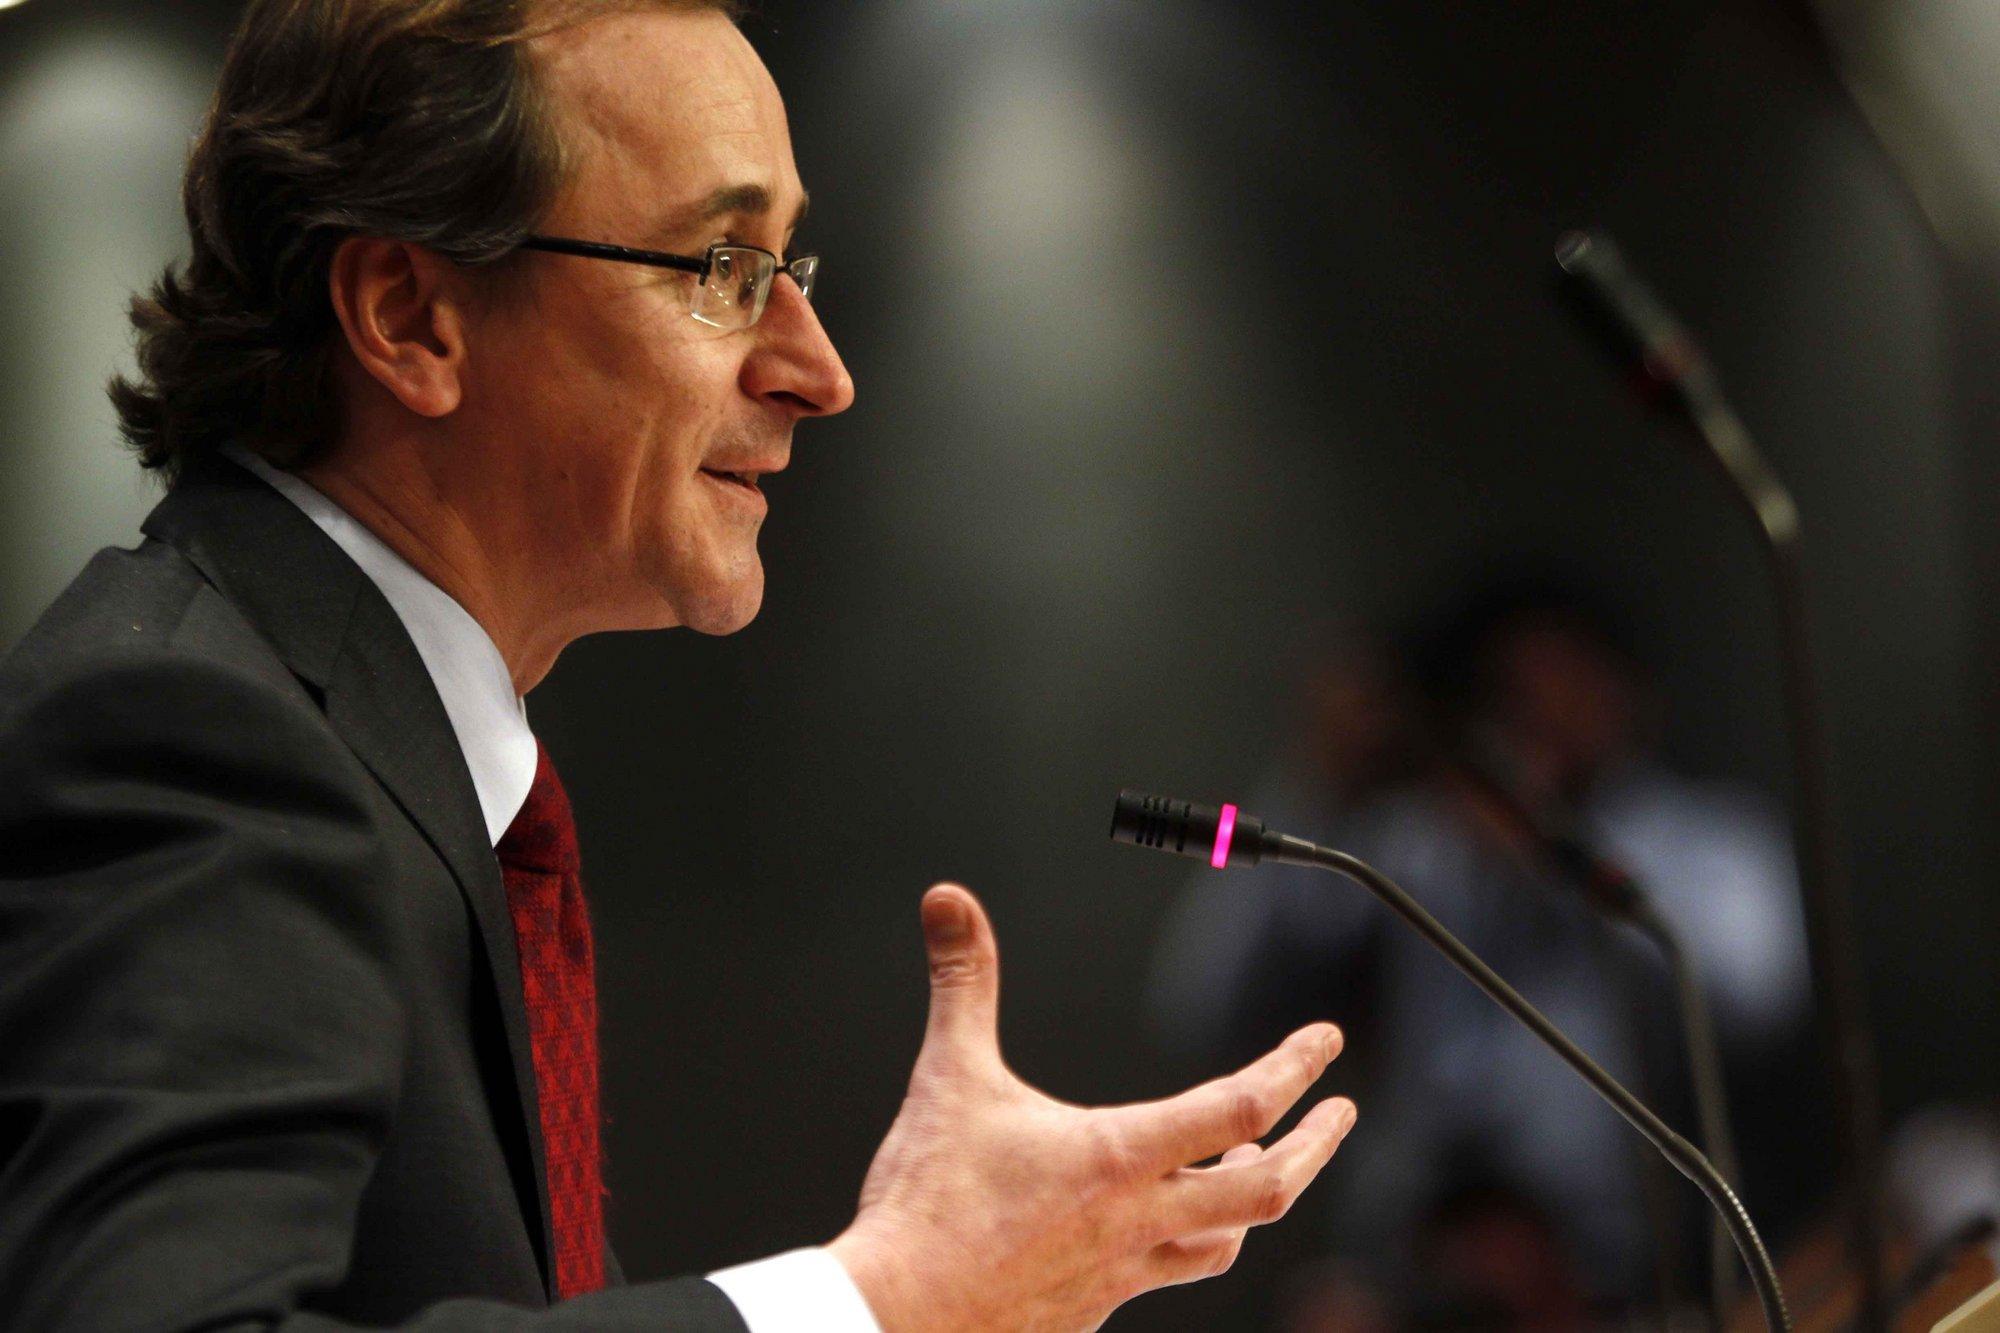 El PP expresa su preocupación por la imagen de España como país de violencia callejera y quiere volver a la paz social